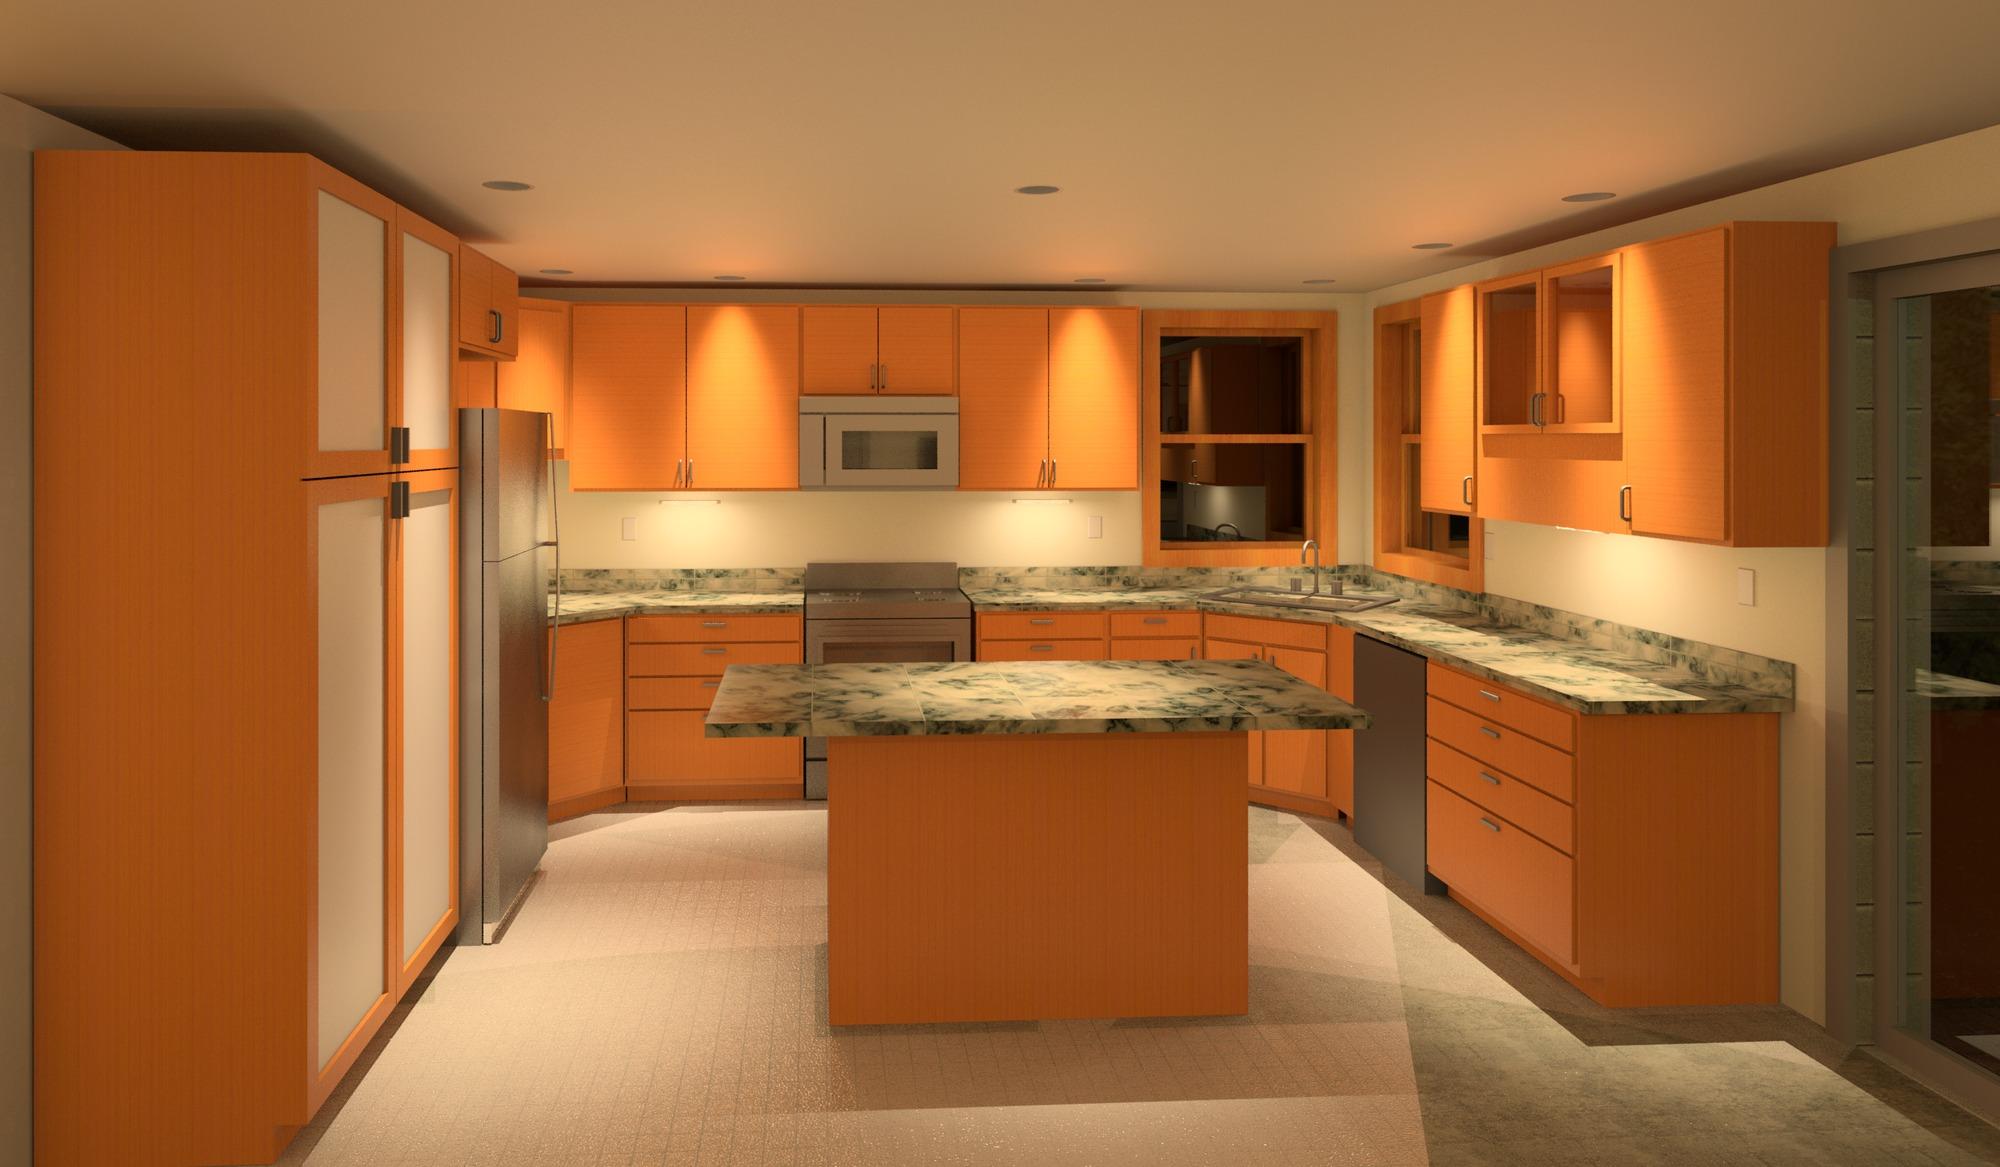 Raas-rendering20141230-22457-qhrzhe